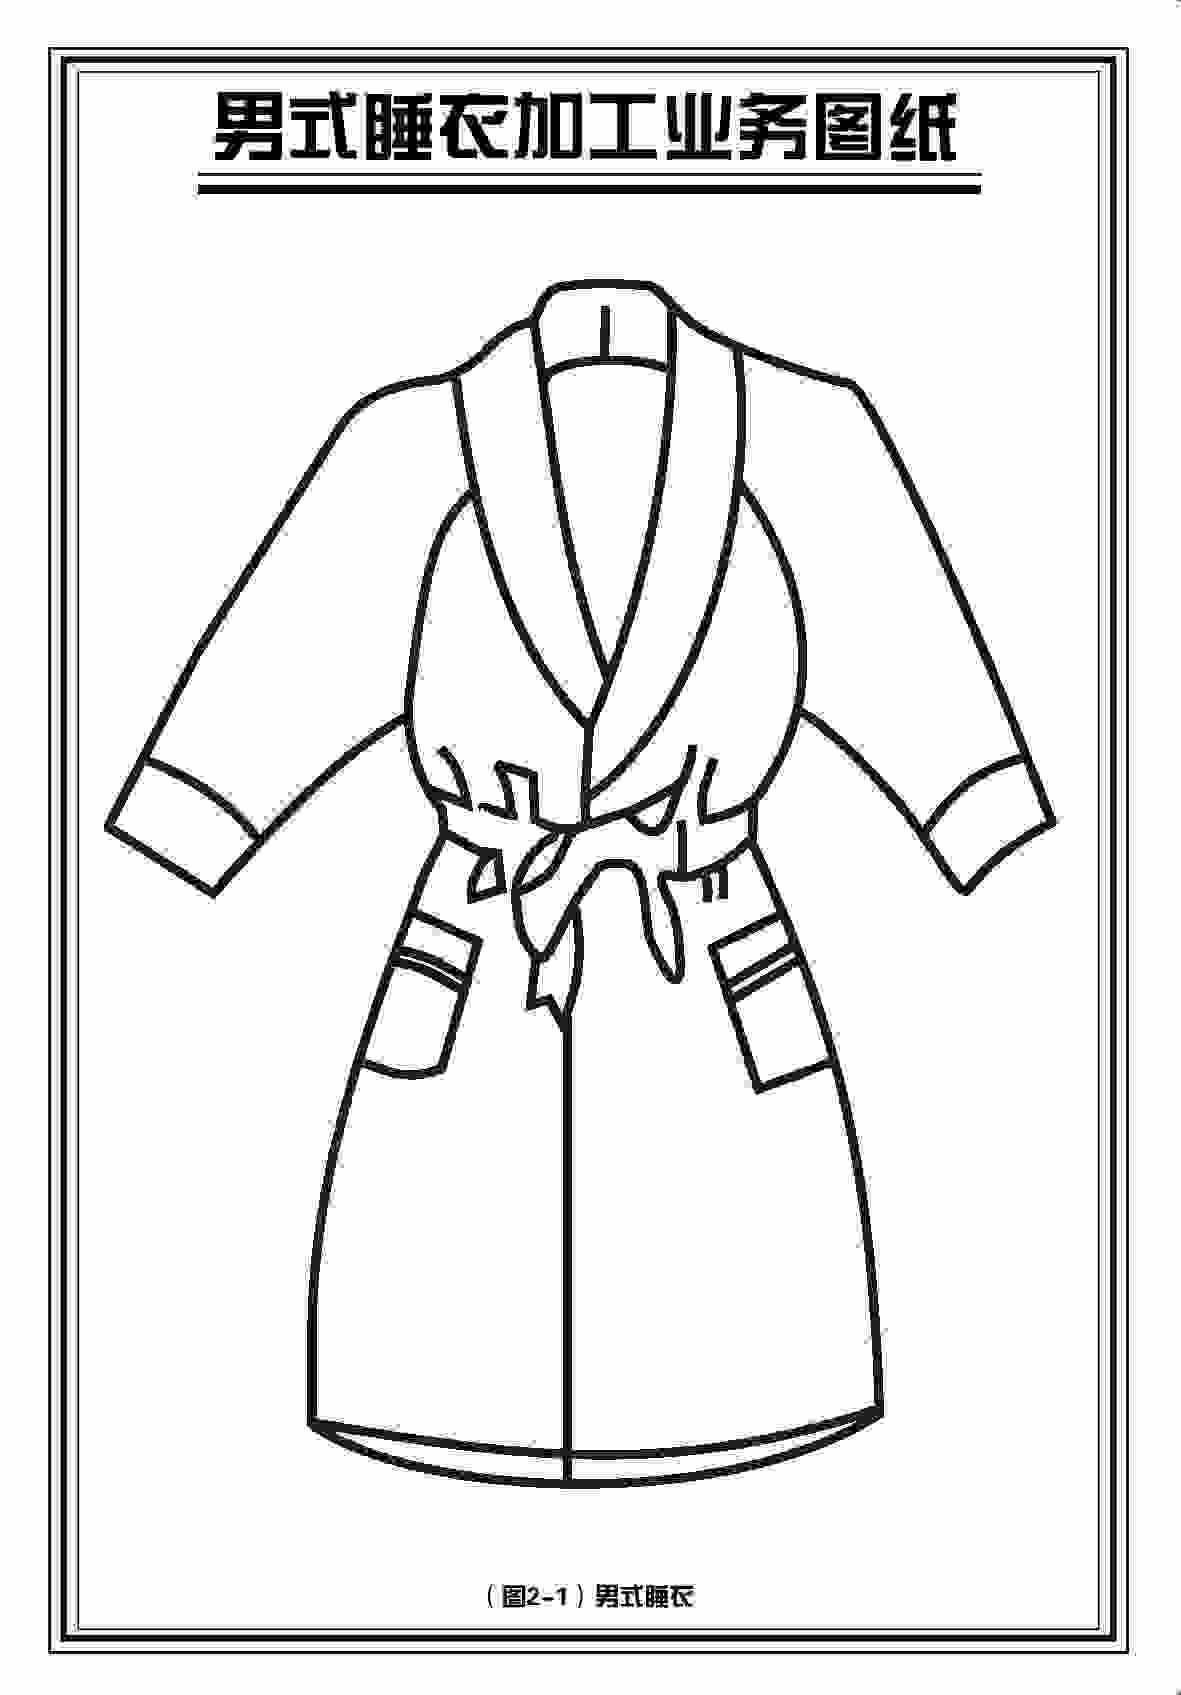 外貿服裝手工活加工訂單外發,尋求合作